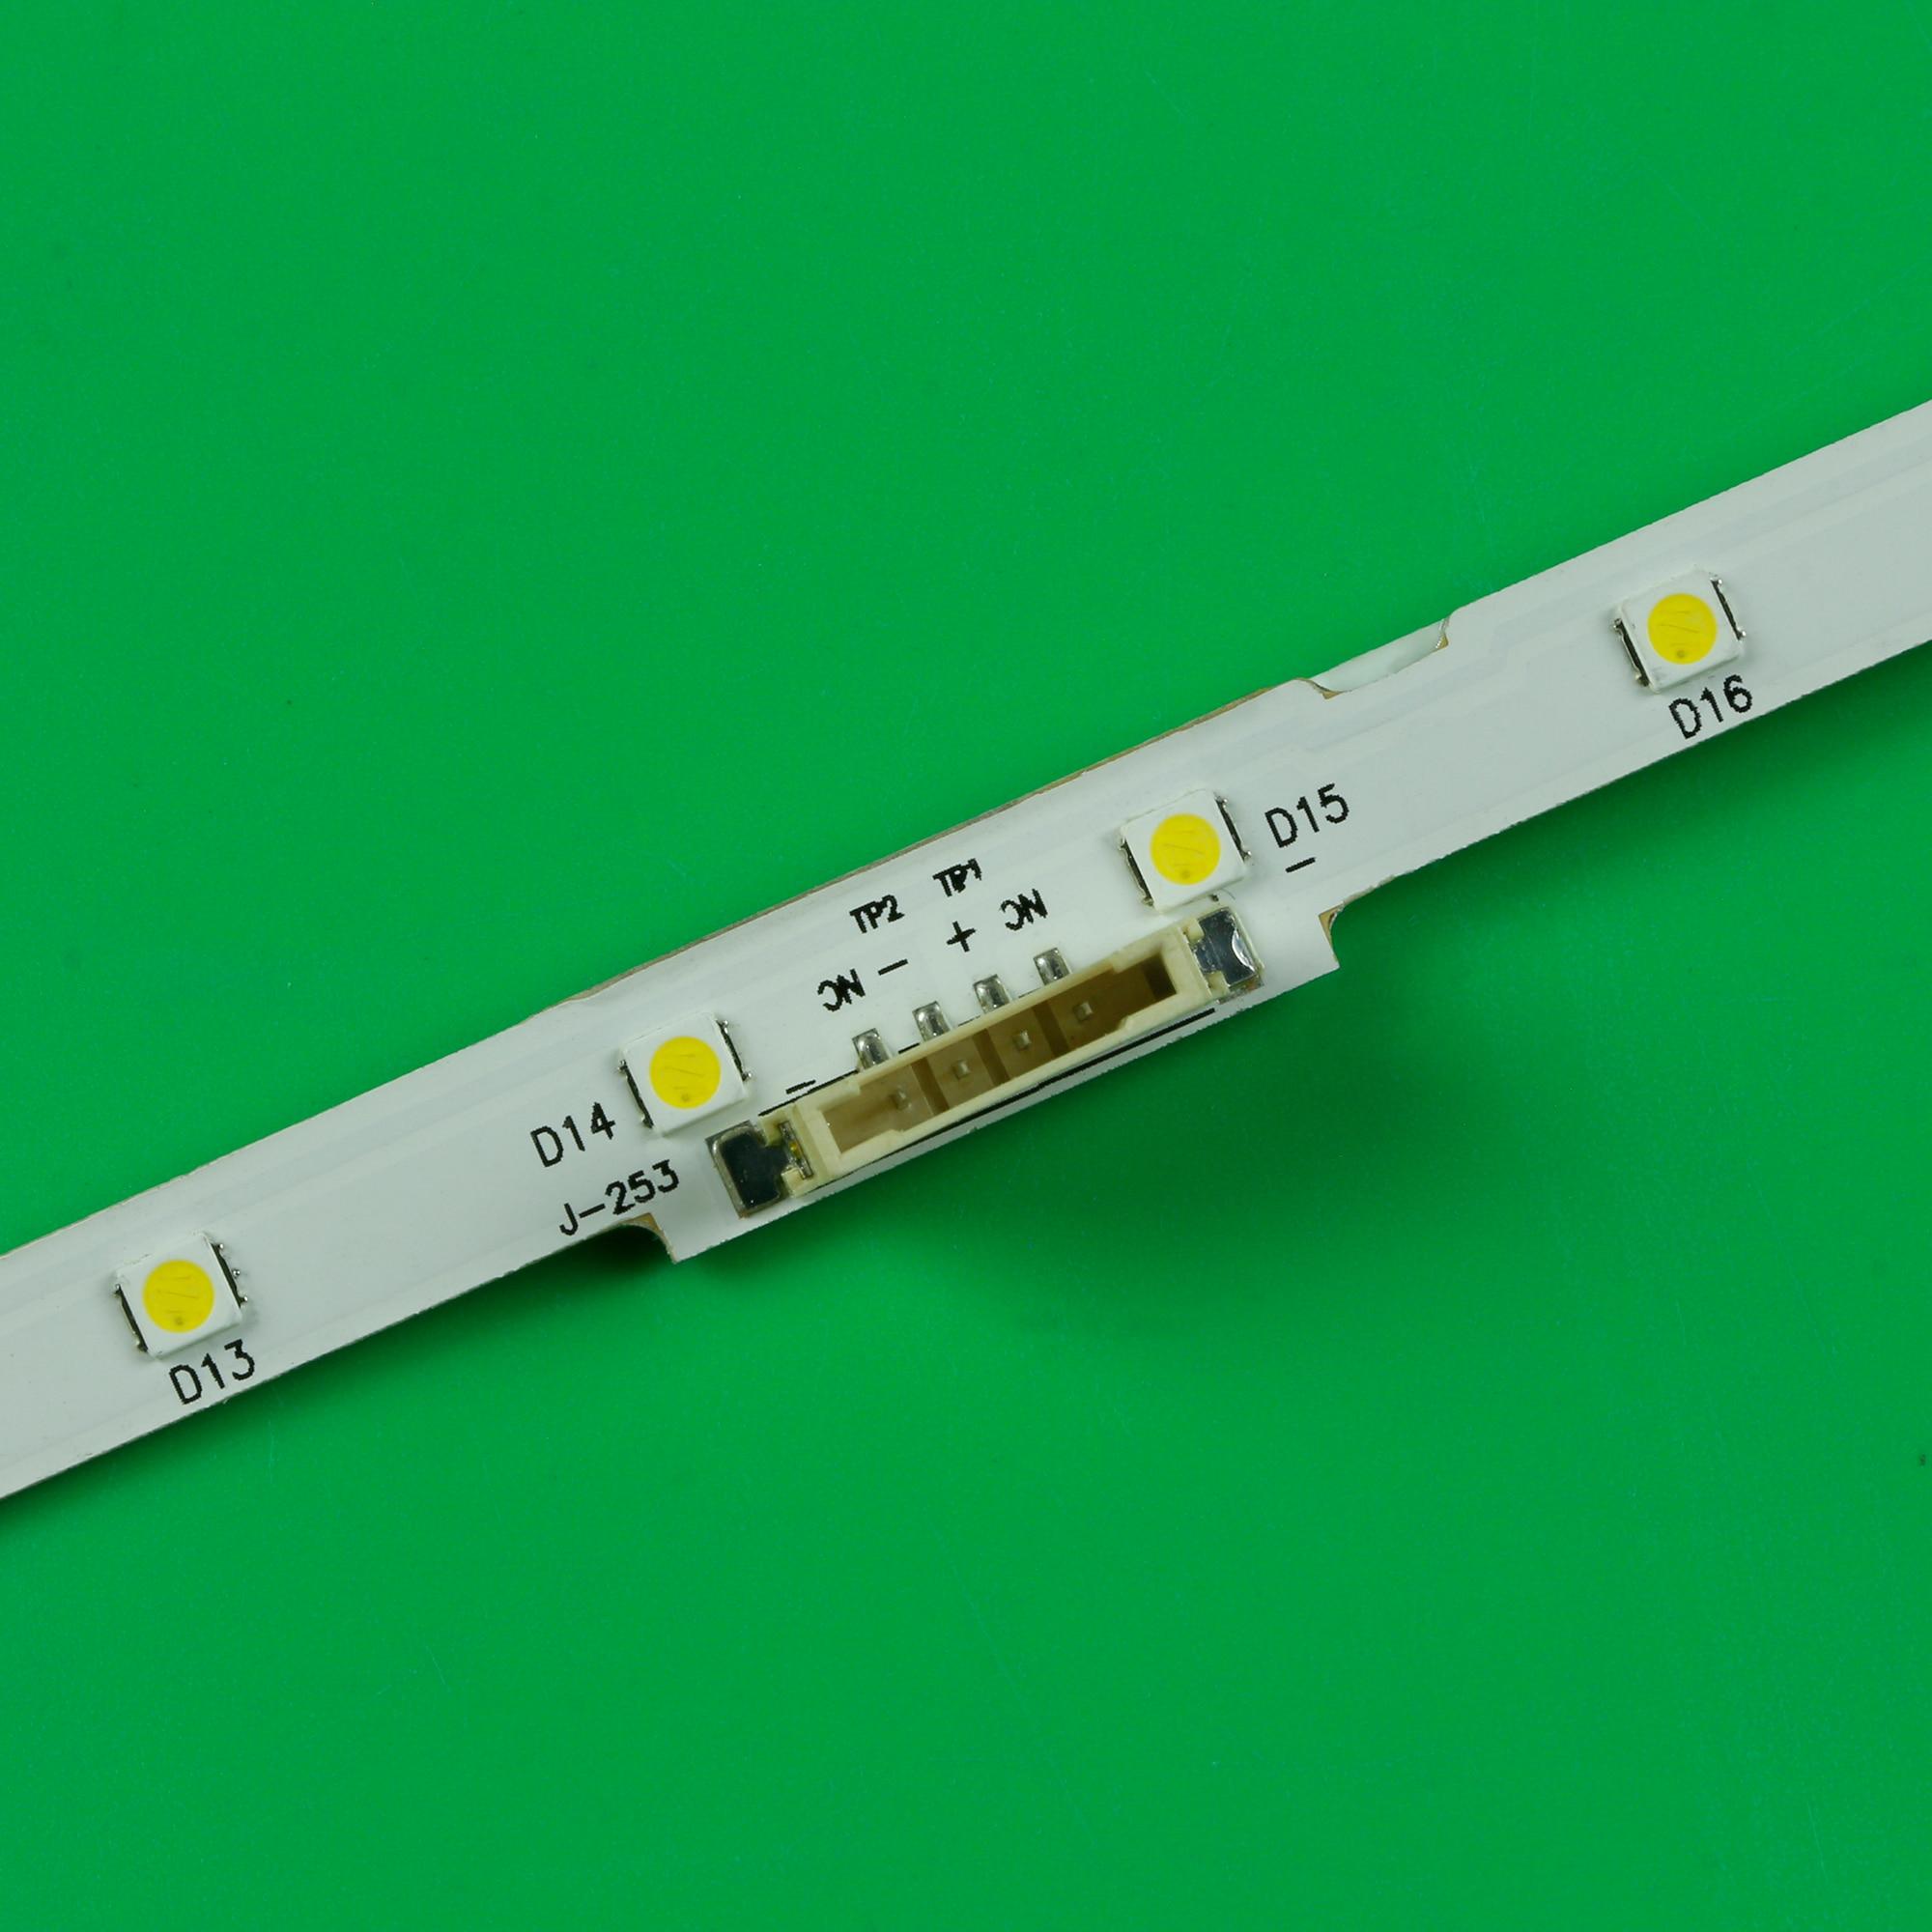 30PCS LED Backlight Strips For Samsung  UE43NU7100 UN43NU7100 UE43NU7100U AOT_43_NU7100F UE43NU7120U UE43NU7170U BN96-45954A enlarge